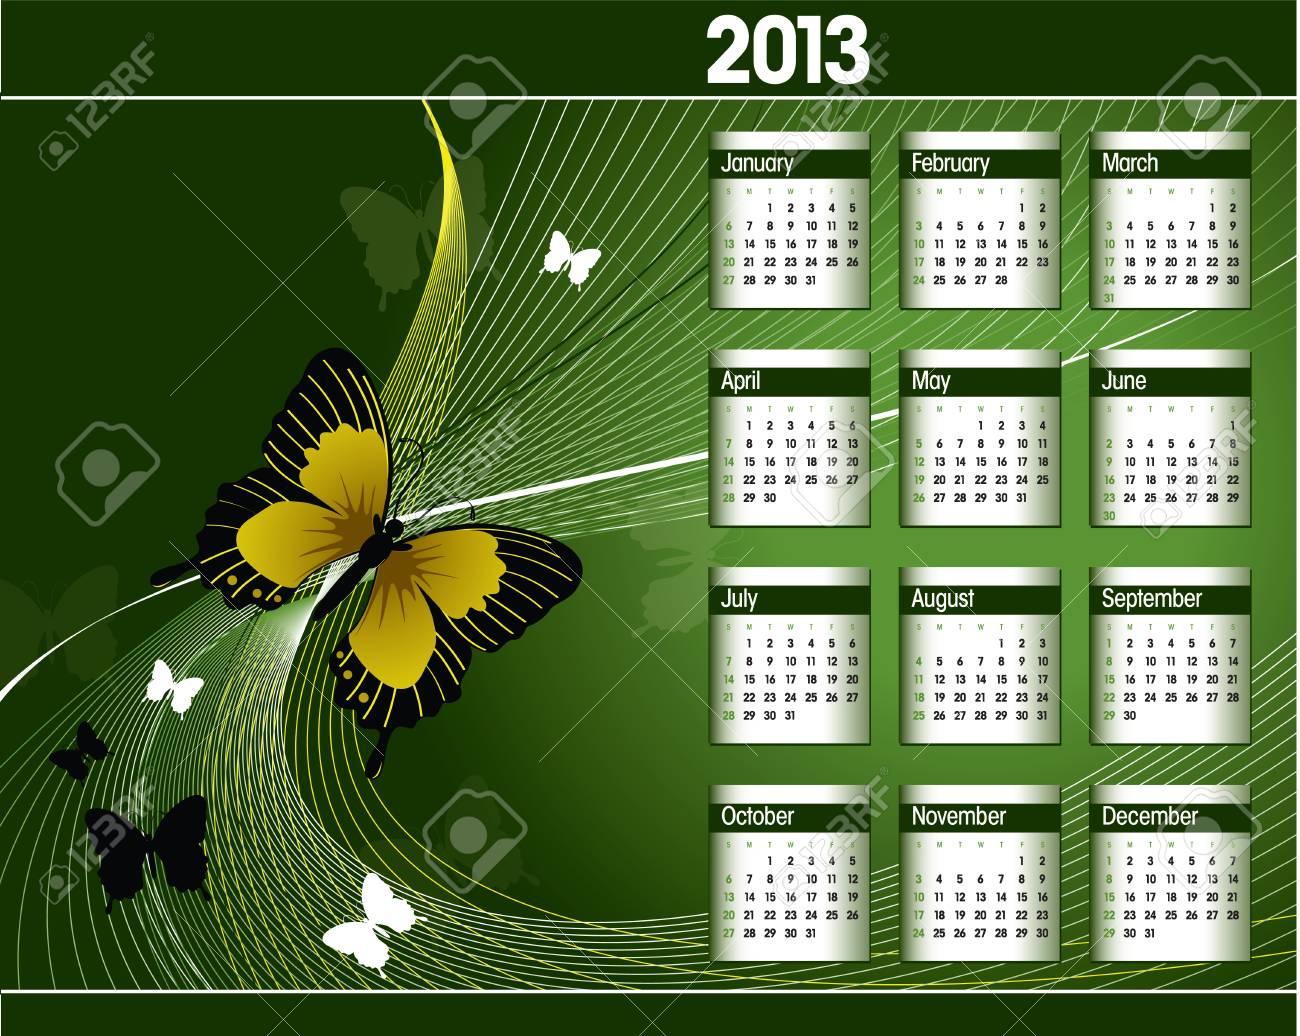 2013 Calendar Stock Vector - 14987353